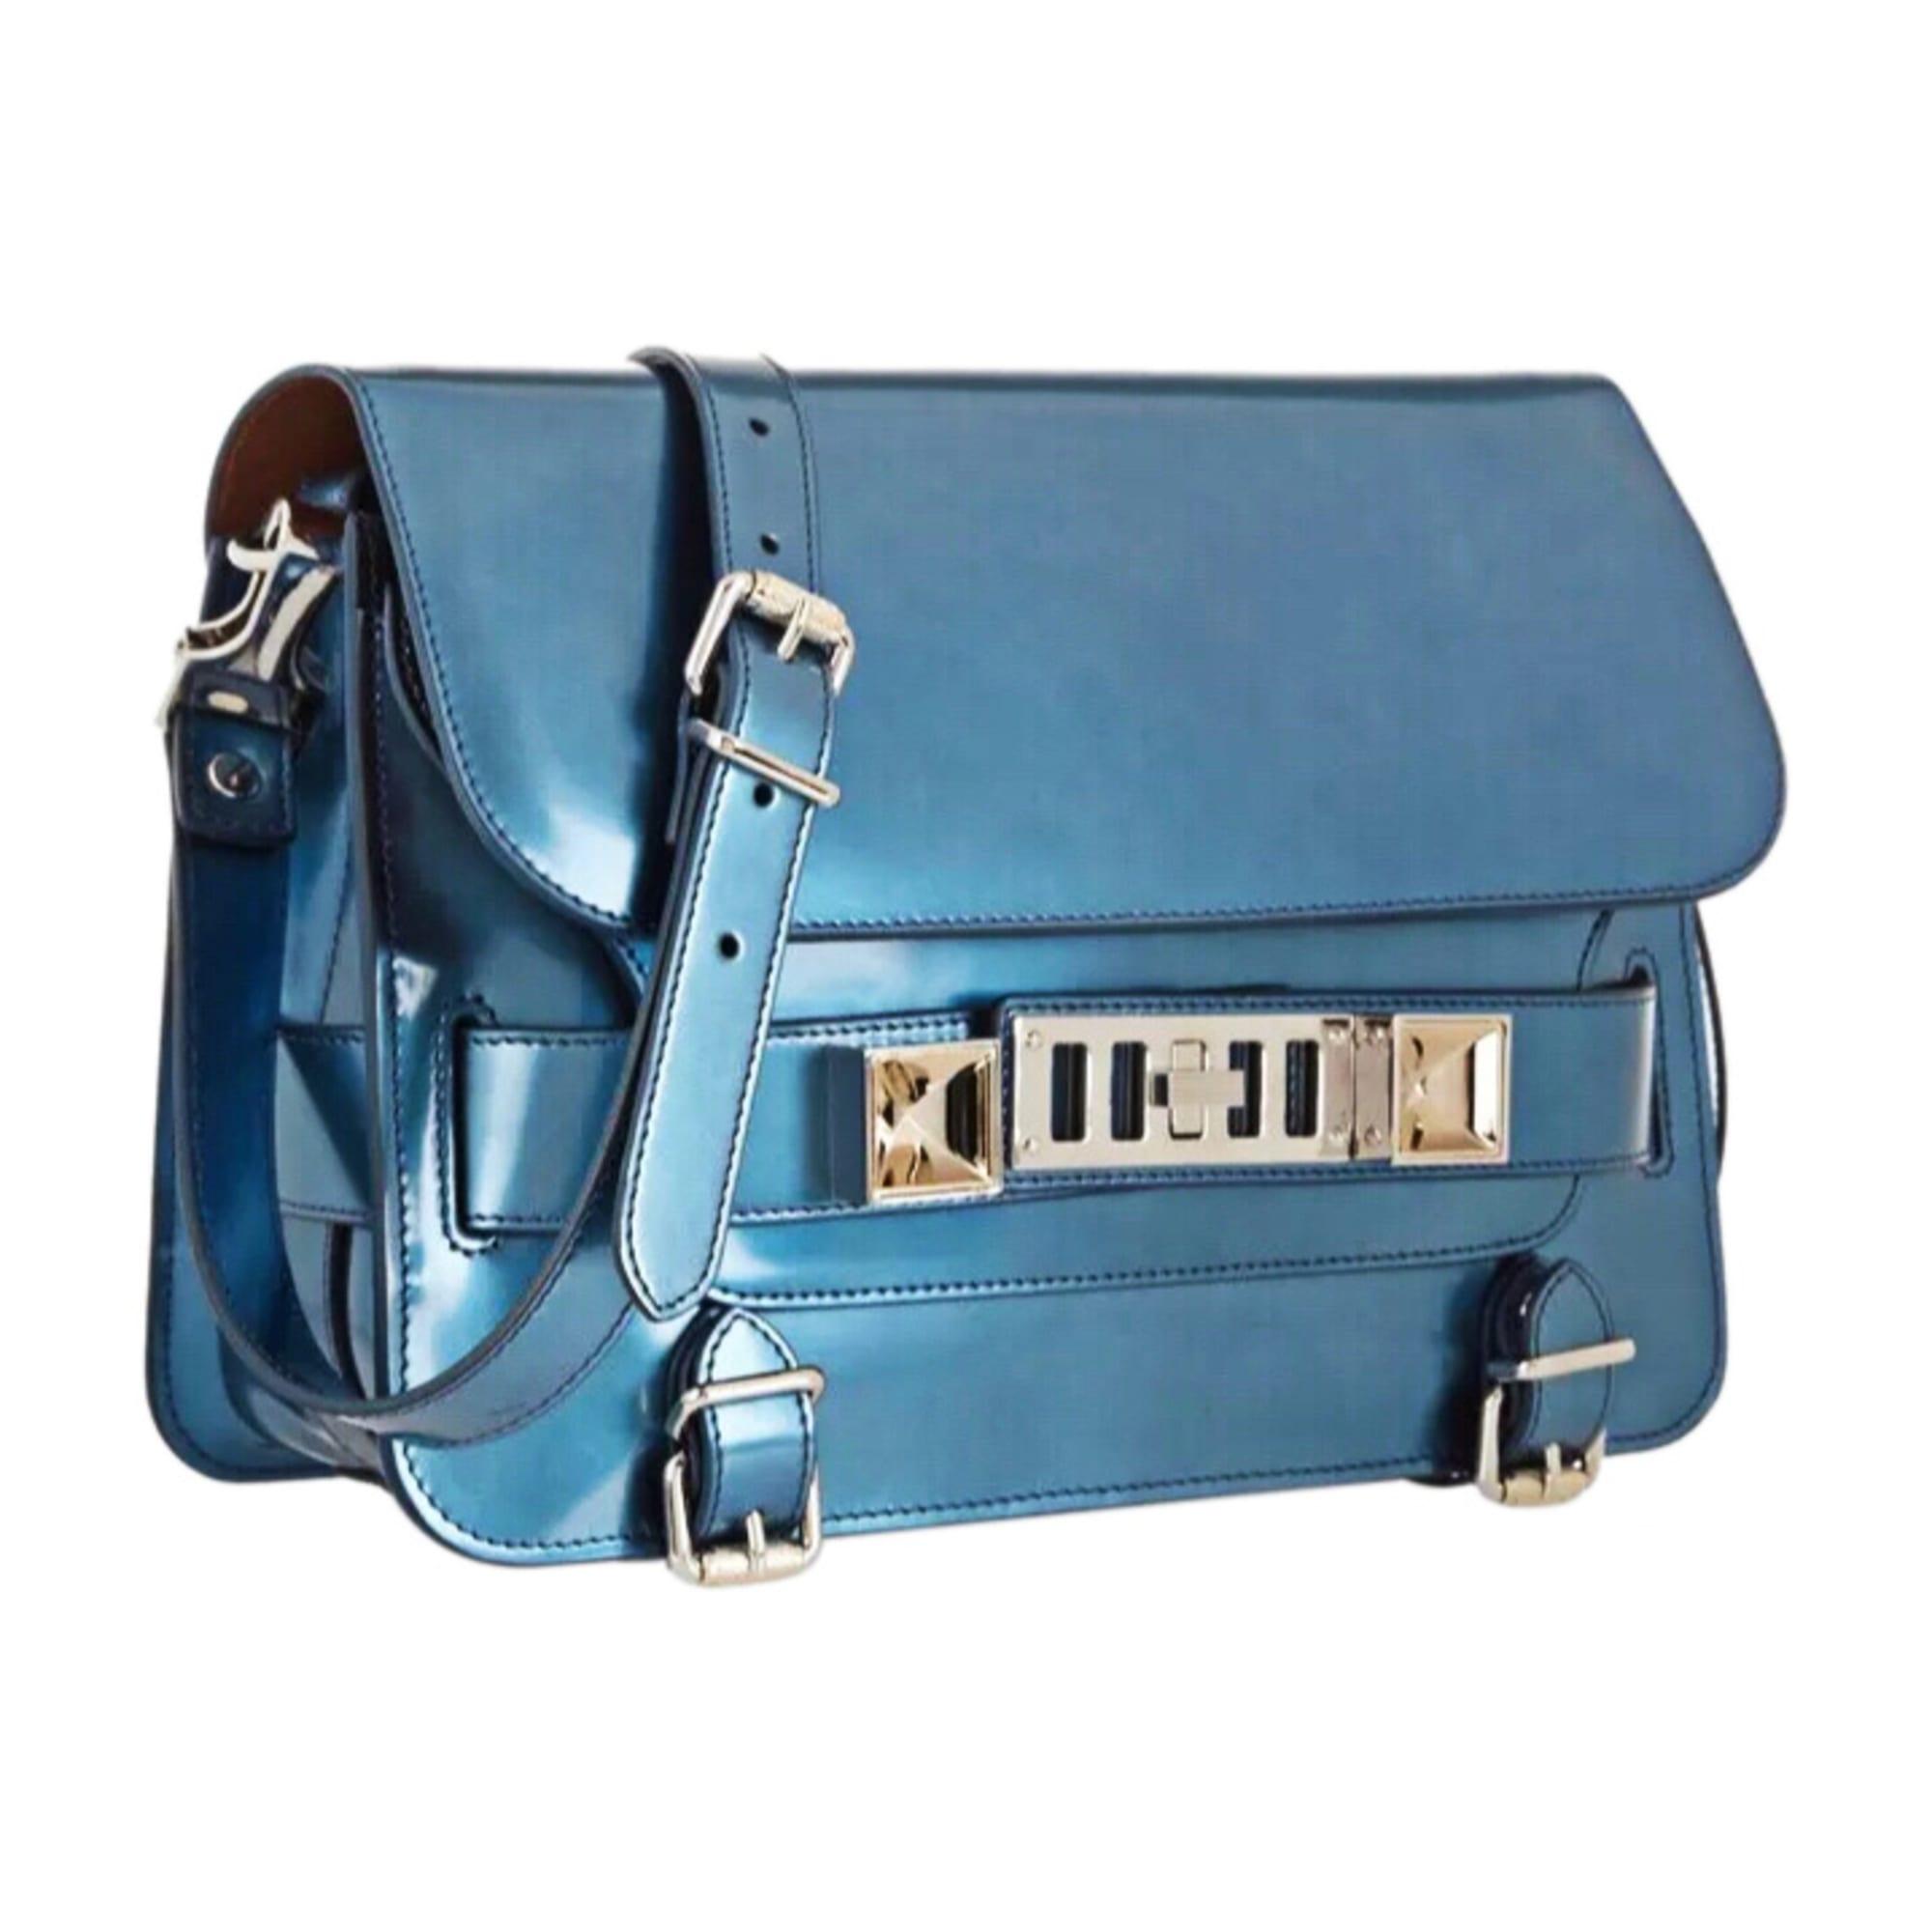 Lederhandtasche PROENZA SCHOULER Blau, marineblau, türkisblau